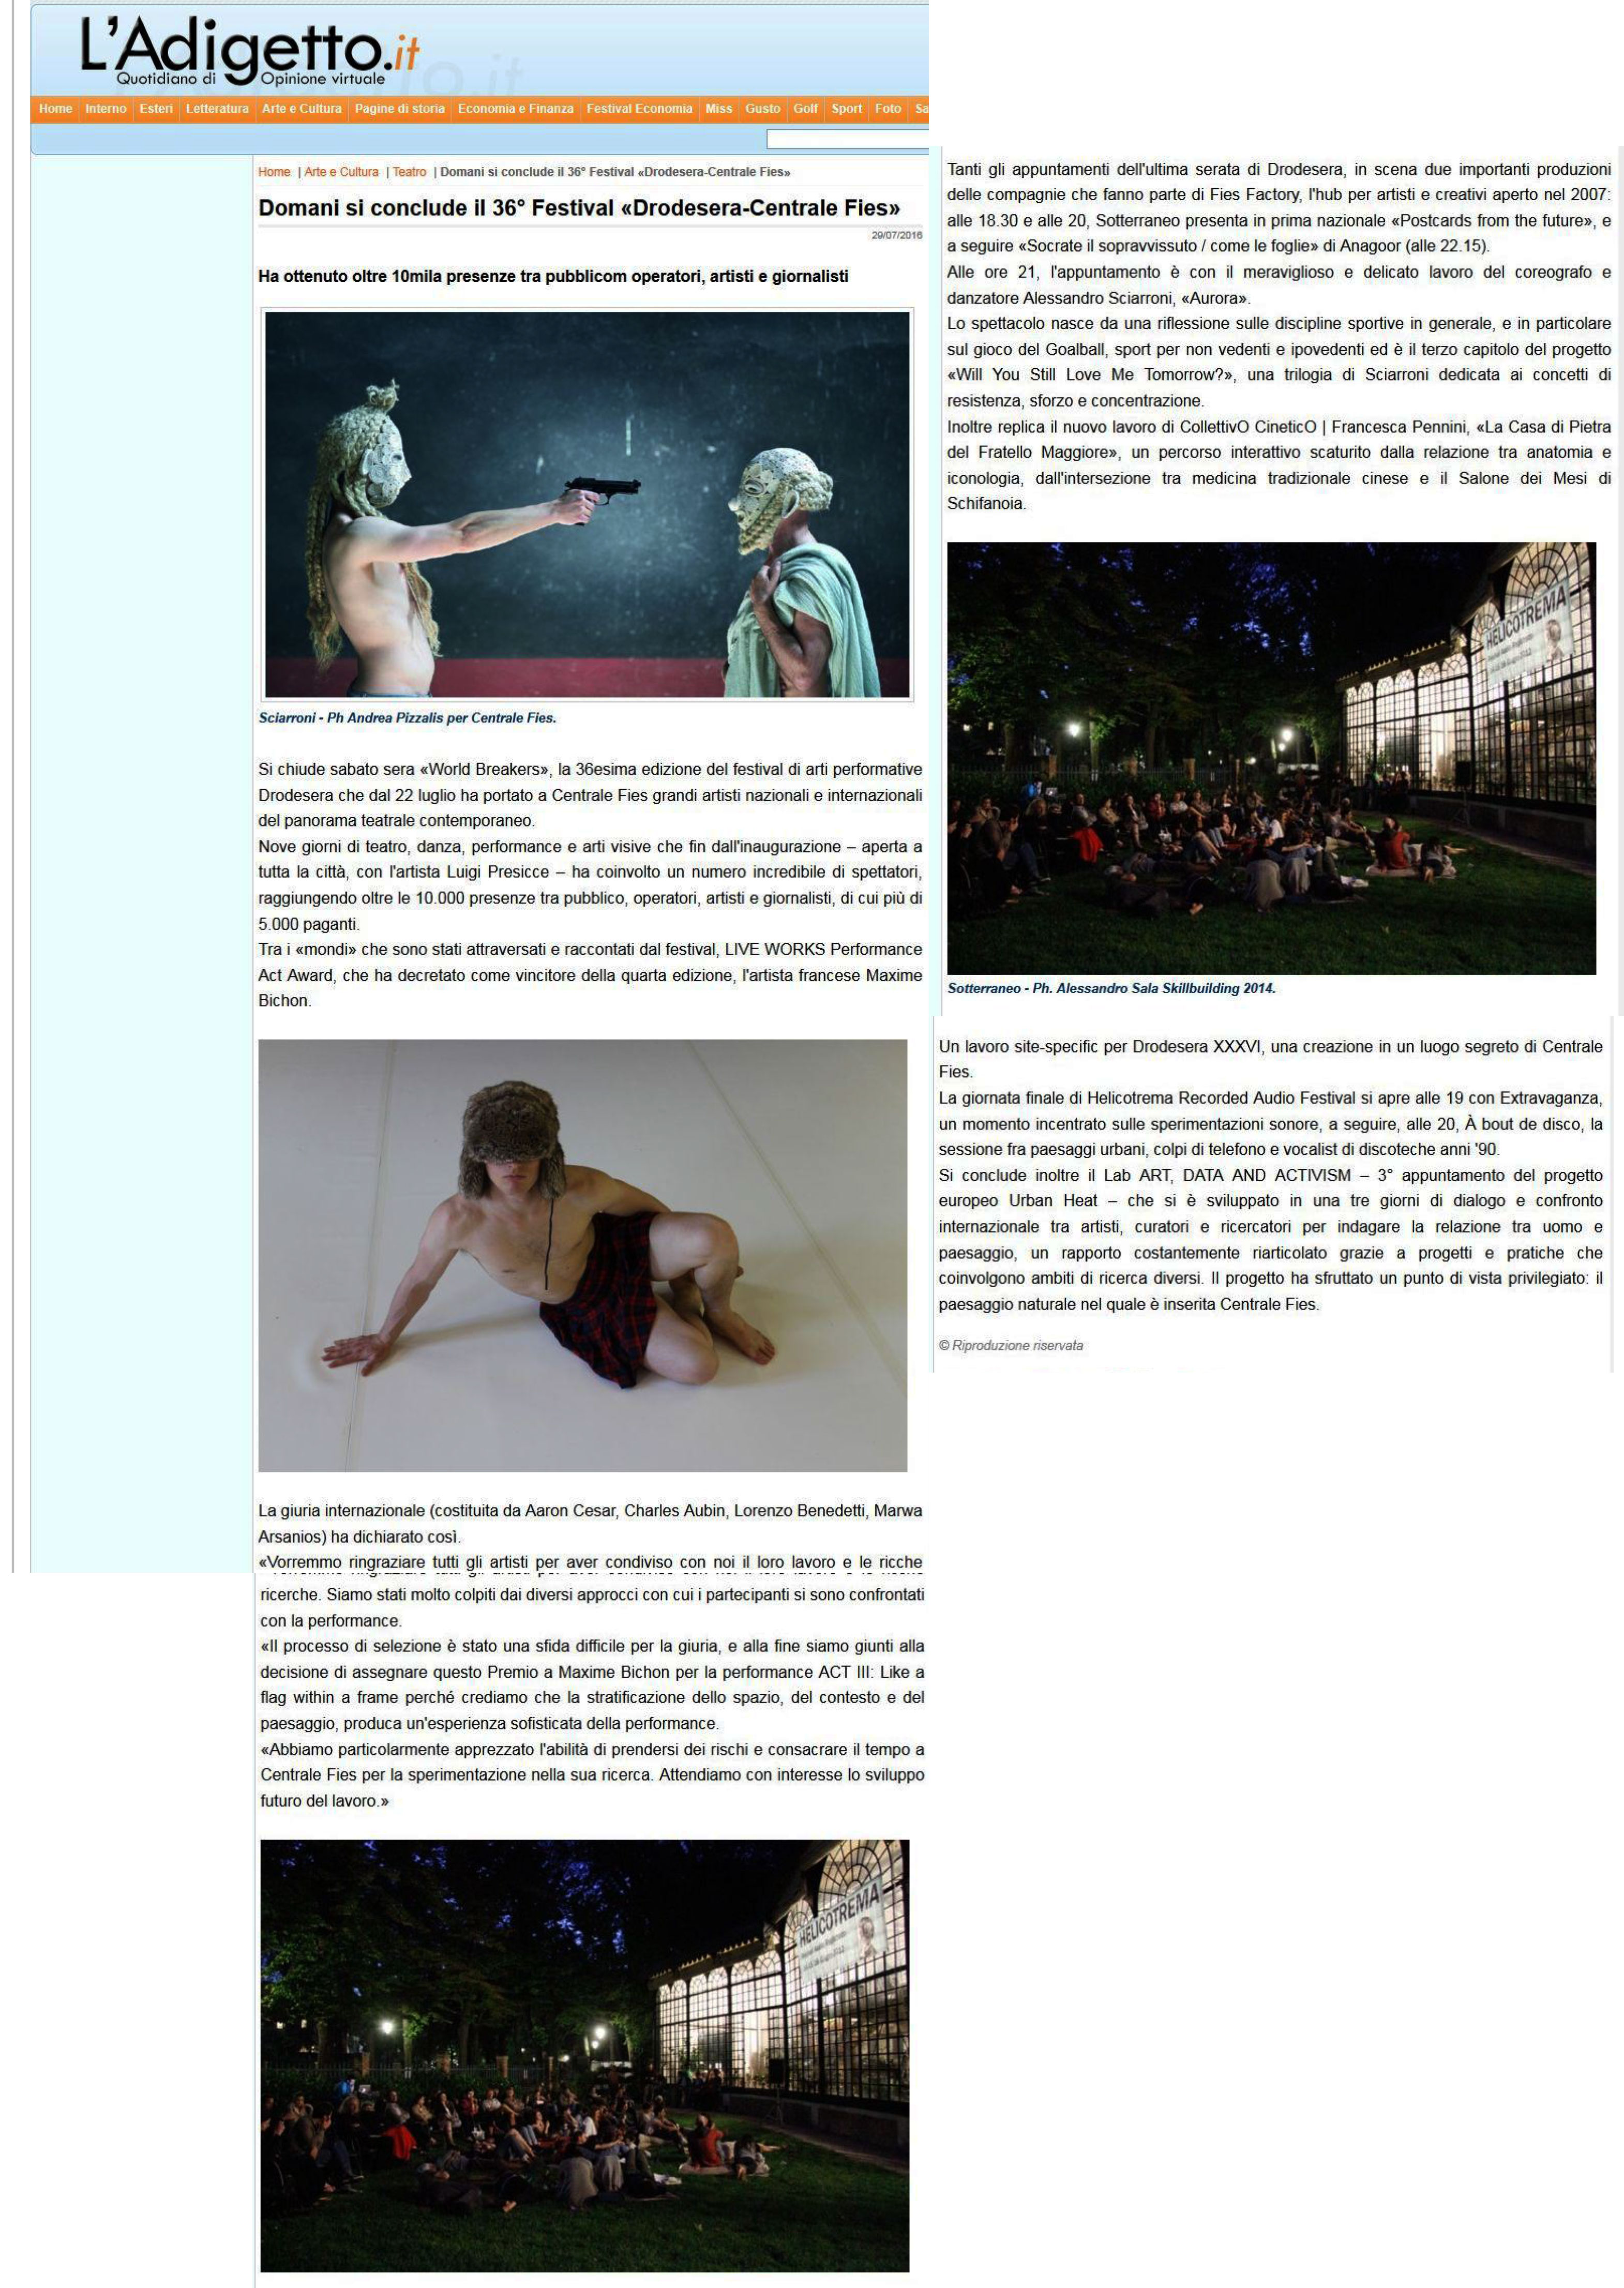 20160729_domani-si-conclude-il-36-festival-drodesera-centrale-fies_l'adigetto